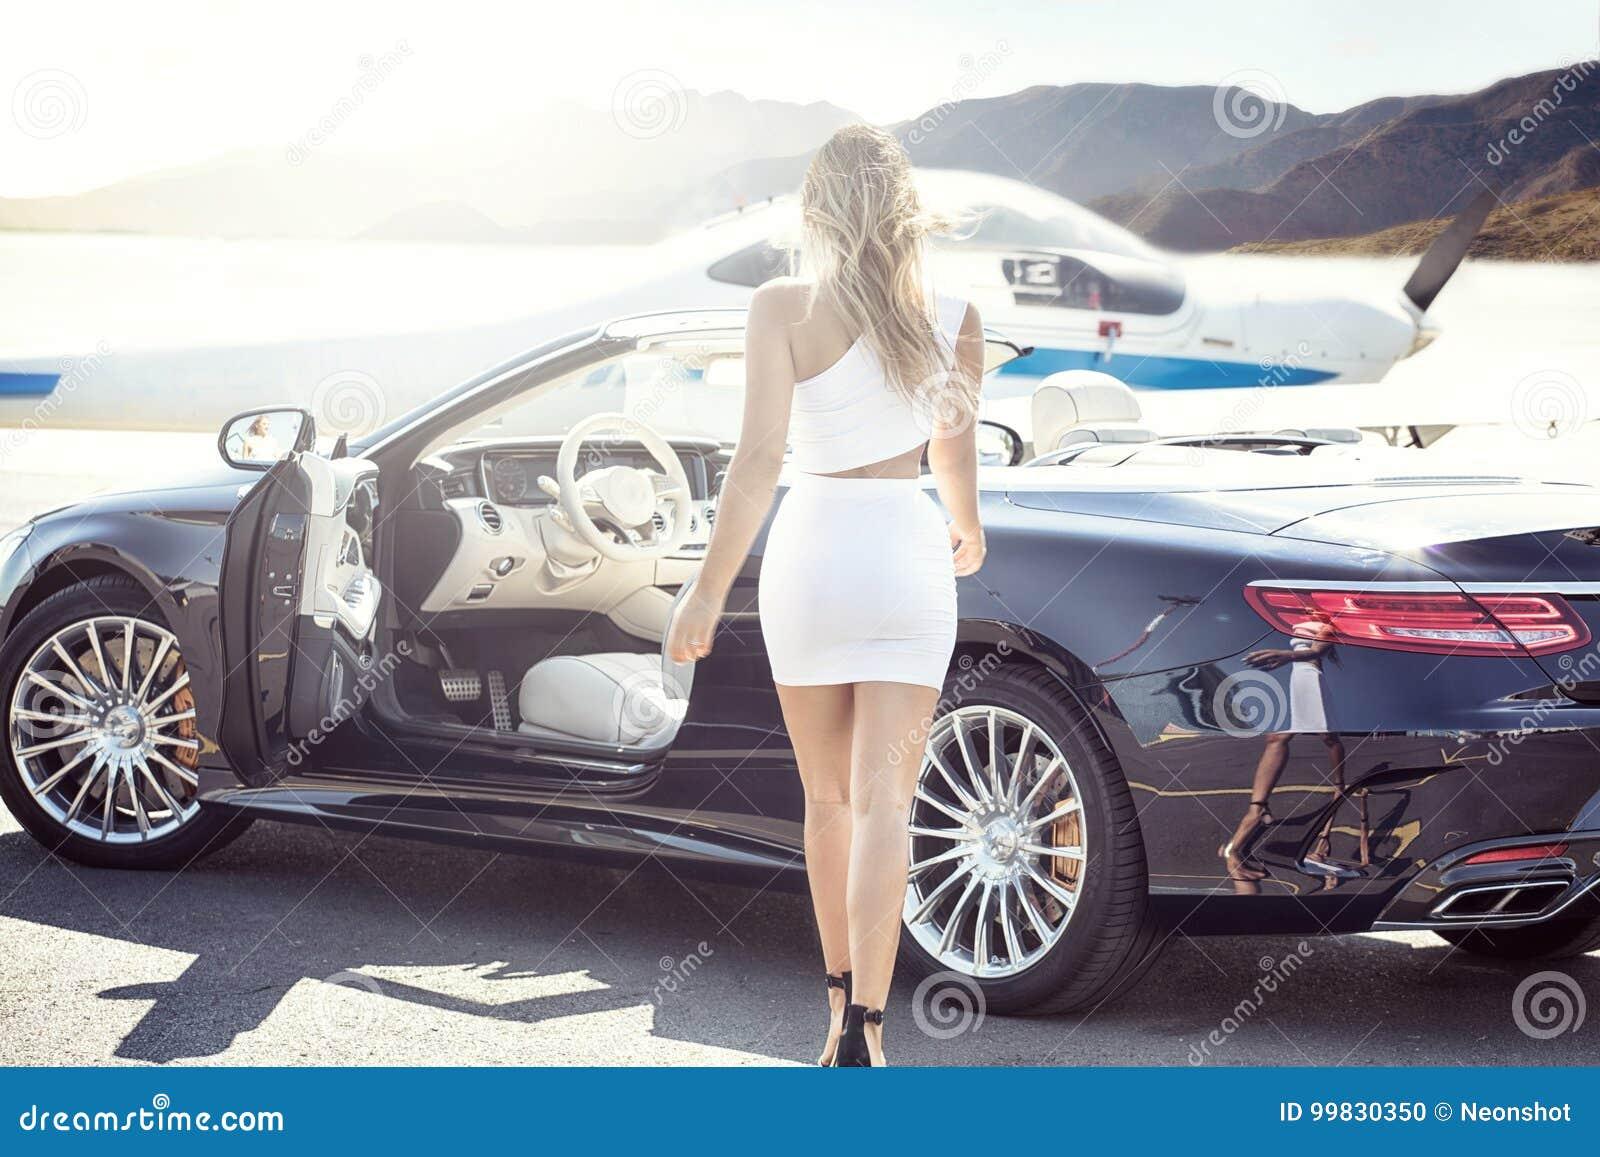 femme sexy avec la voiture et l 39 avion de luxe photo stock image du id al gestionnaire 99830350. Black Bedroom Furniture Sets. Home Design Ideas